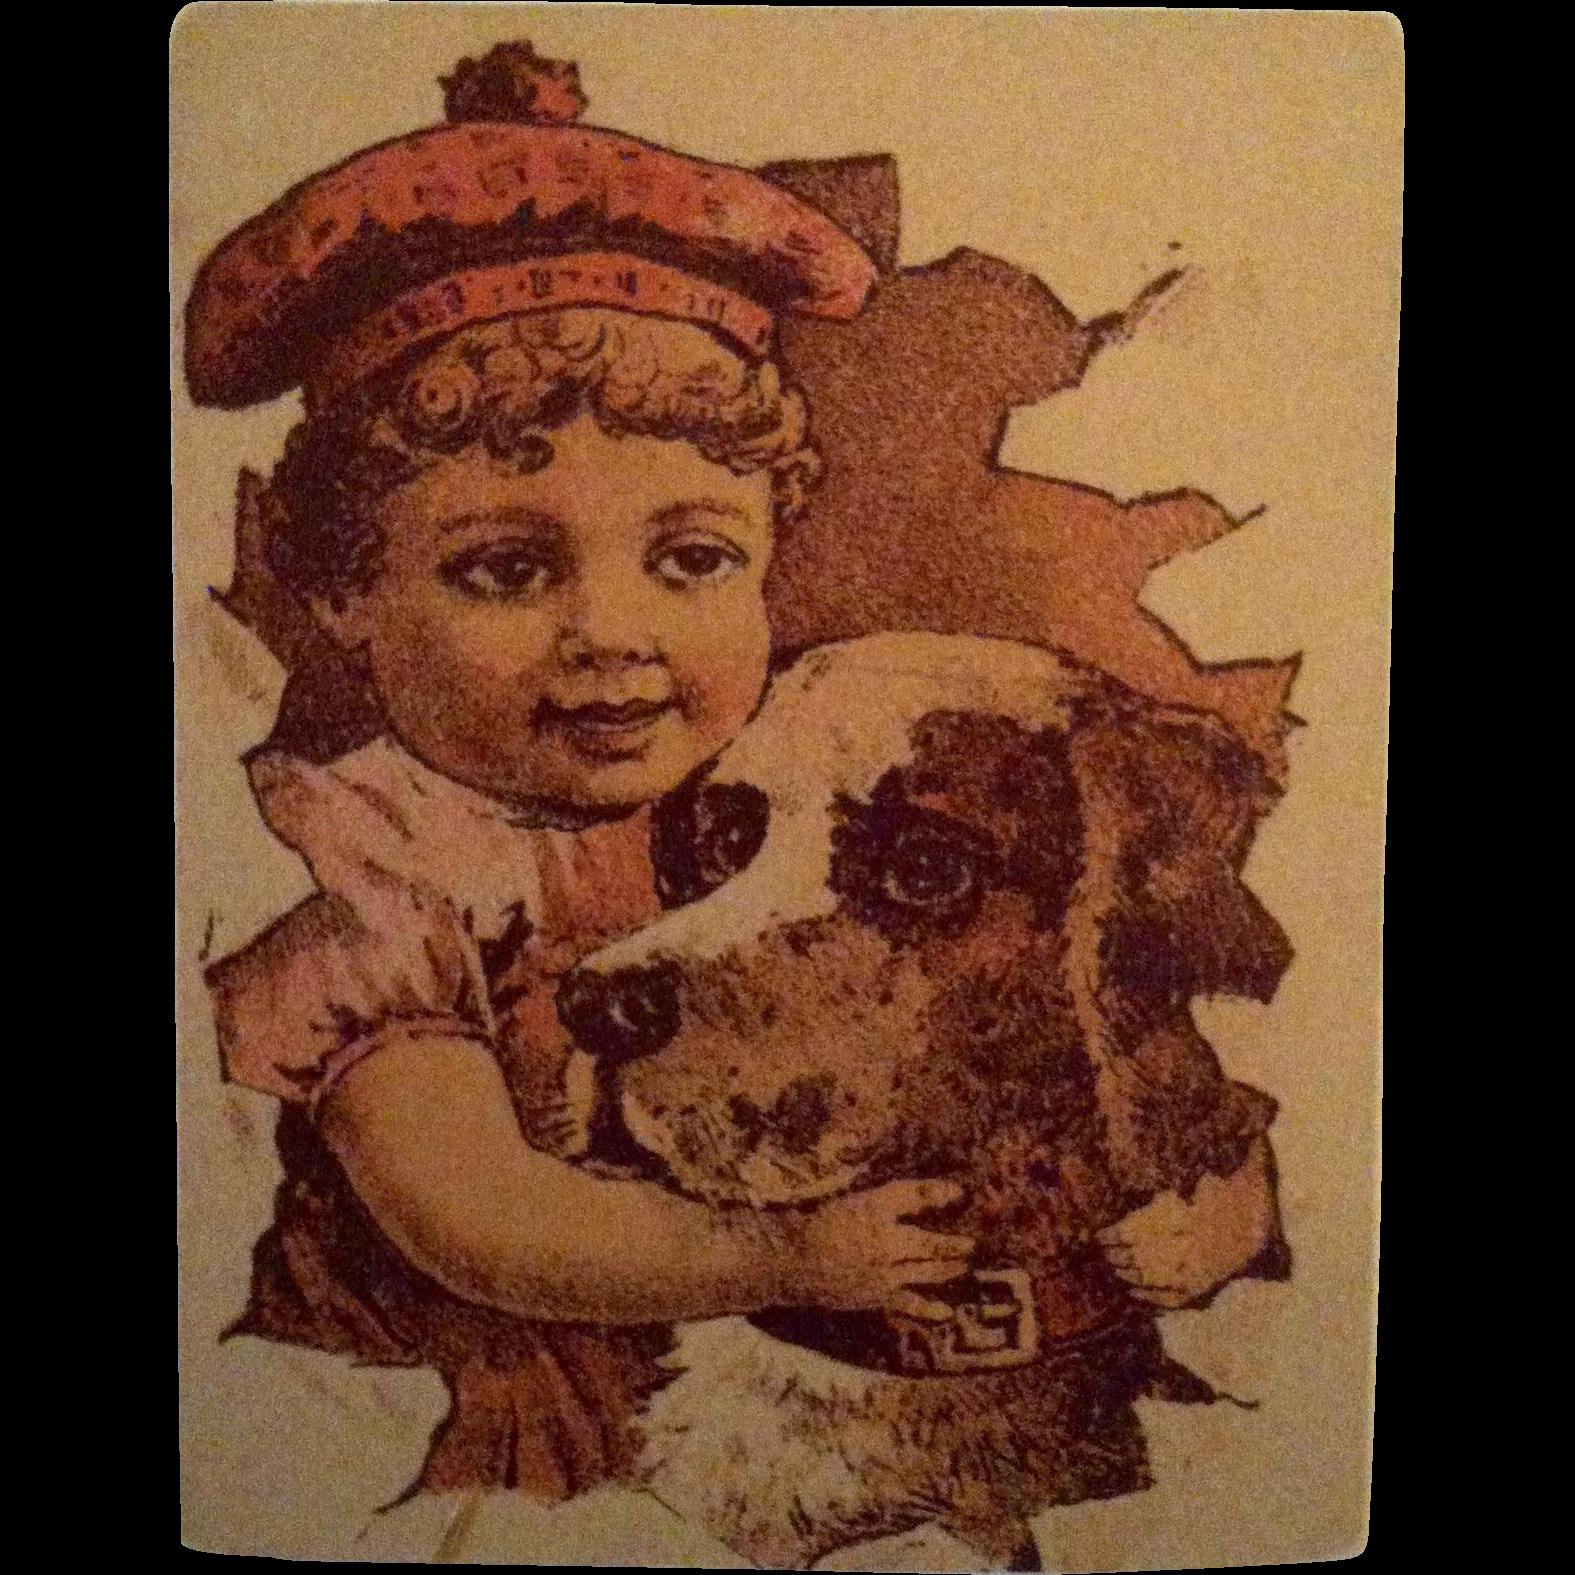 Hartshorn's Sarsaparilla & Iron Trade Card